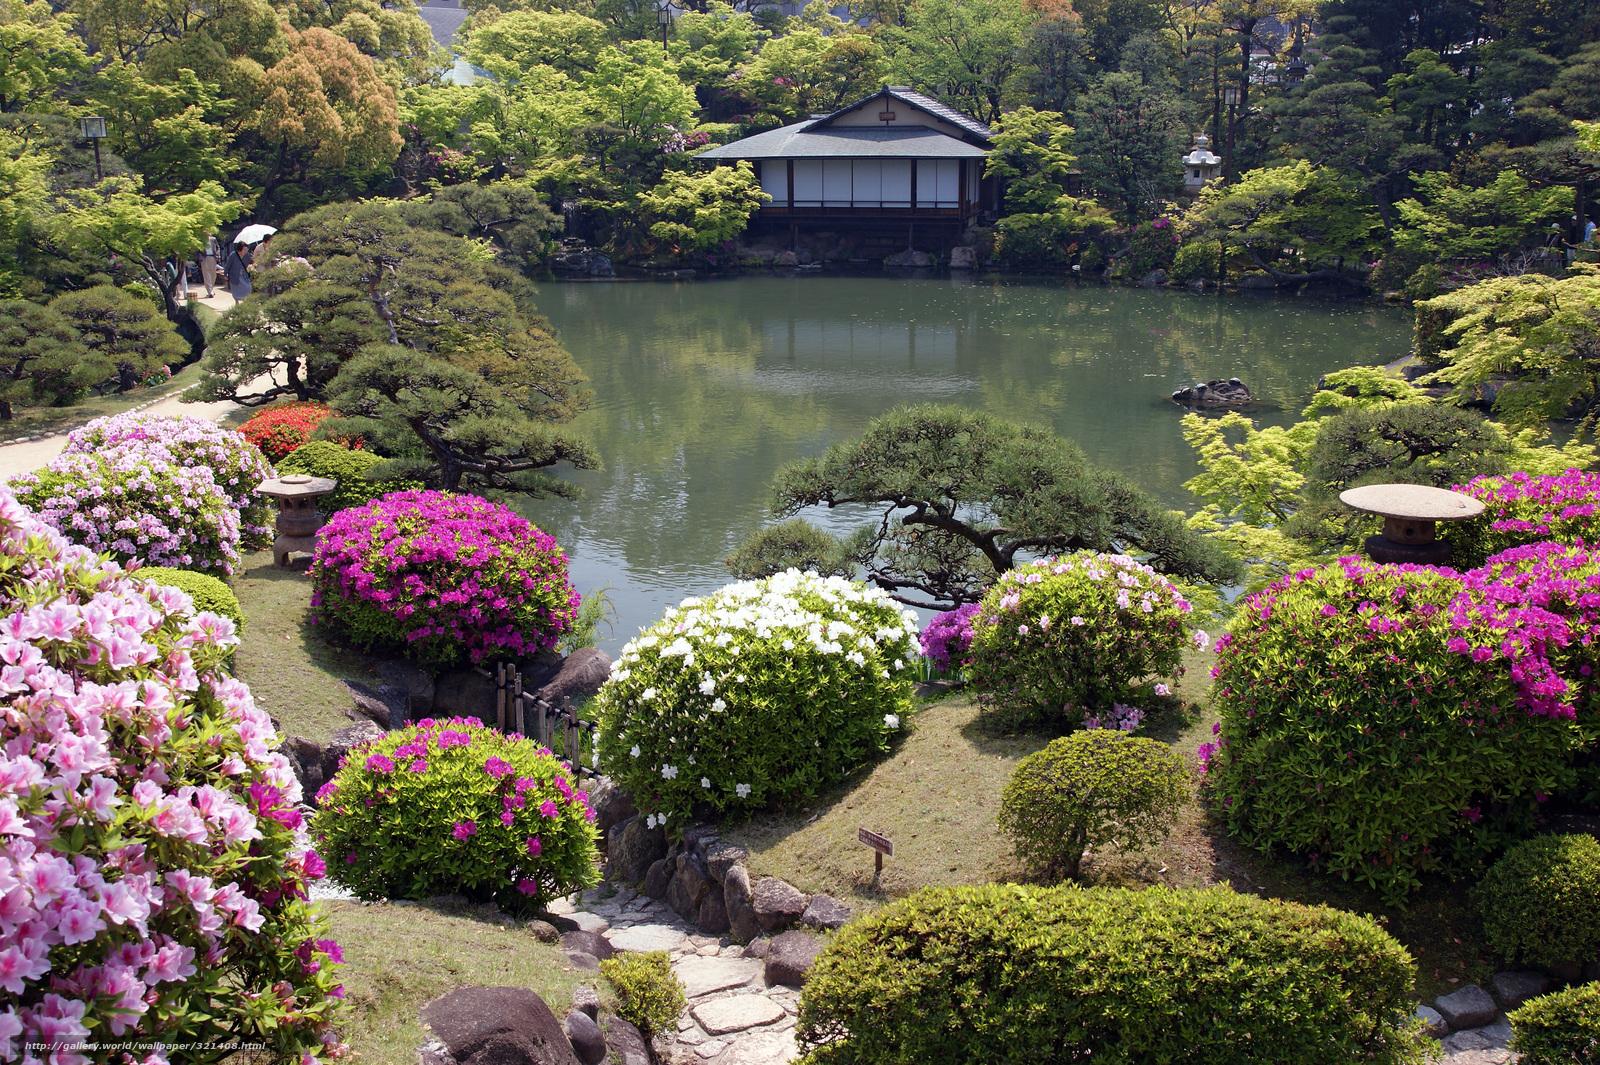 Tlcharger Fond d'ecran Fleurs, Jardin Japonais, loge Fonds d'ecran gratuits pour votre rsolution ...